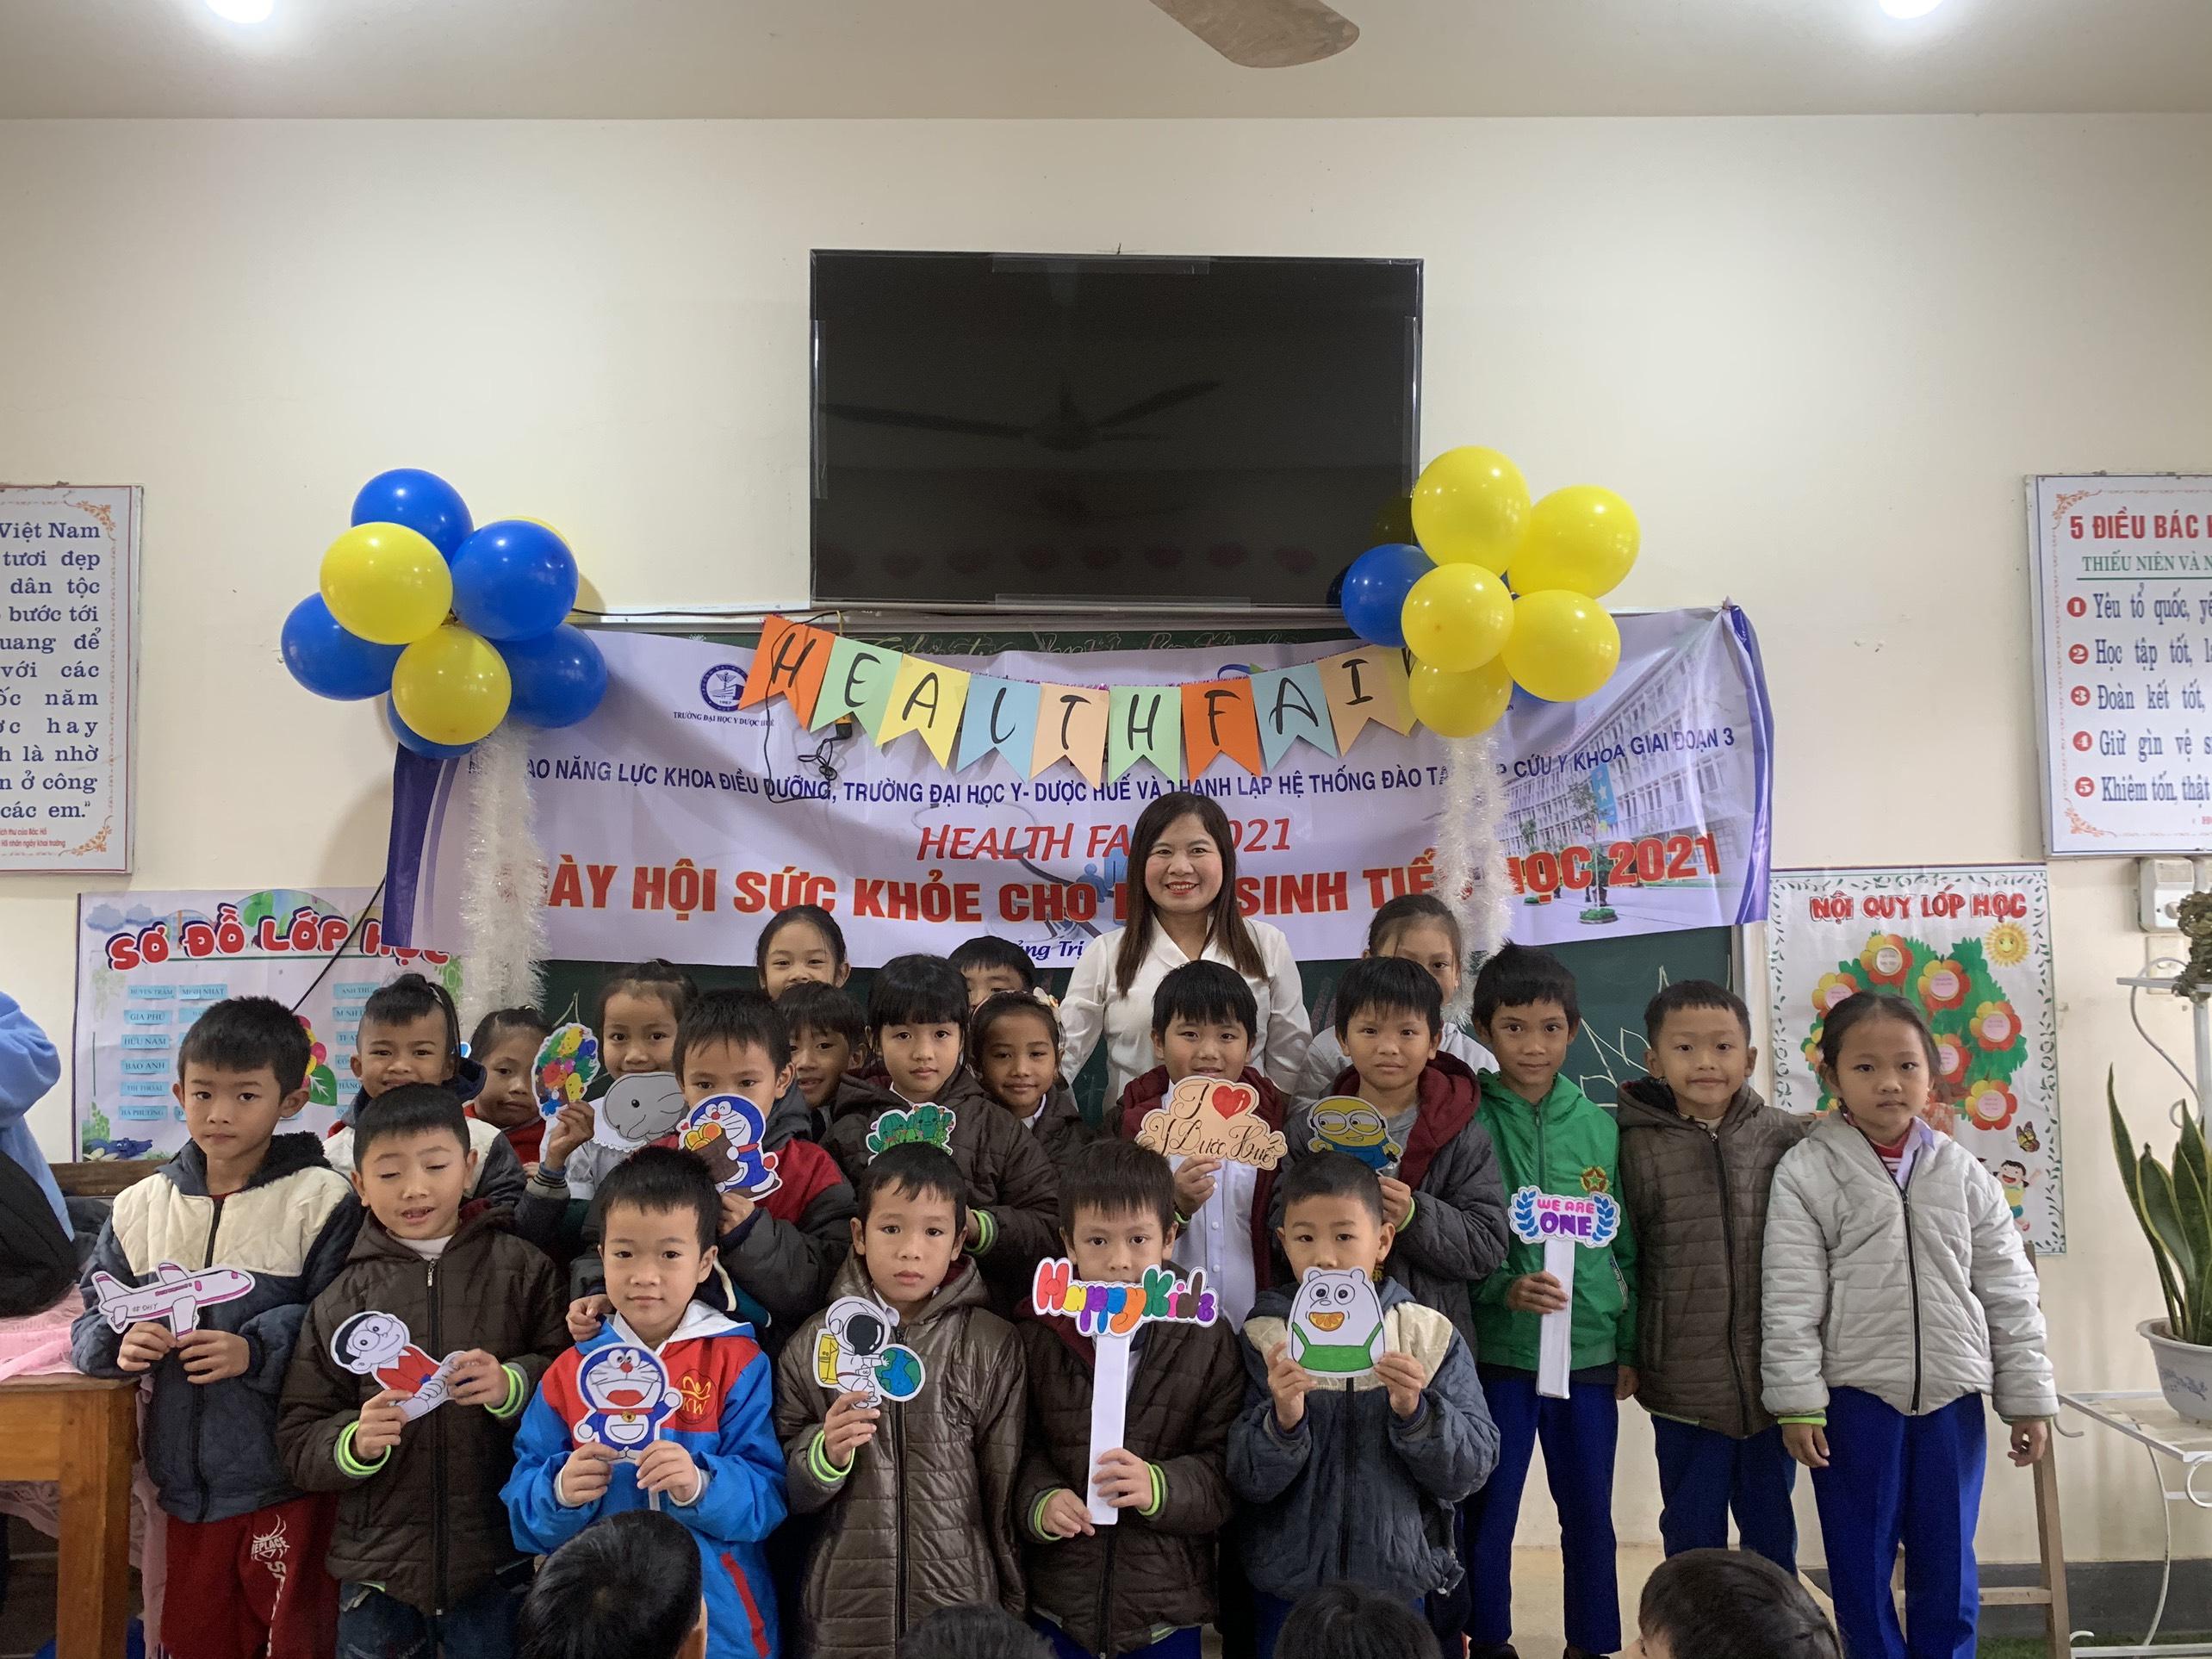 Ngày hội sức khỏe 2021 dành cho học sinh tiểu học